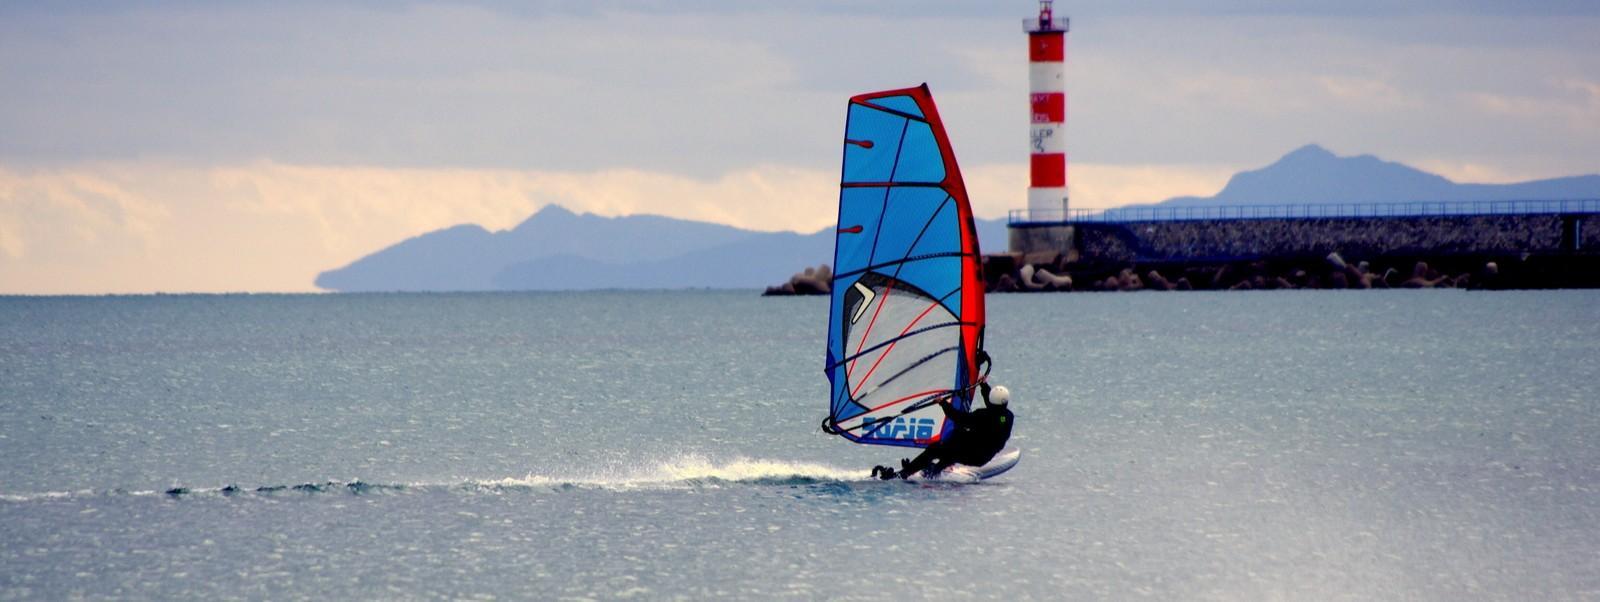 wind report FR, Port-la-Nouvelle (11)